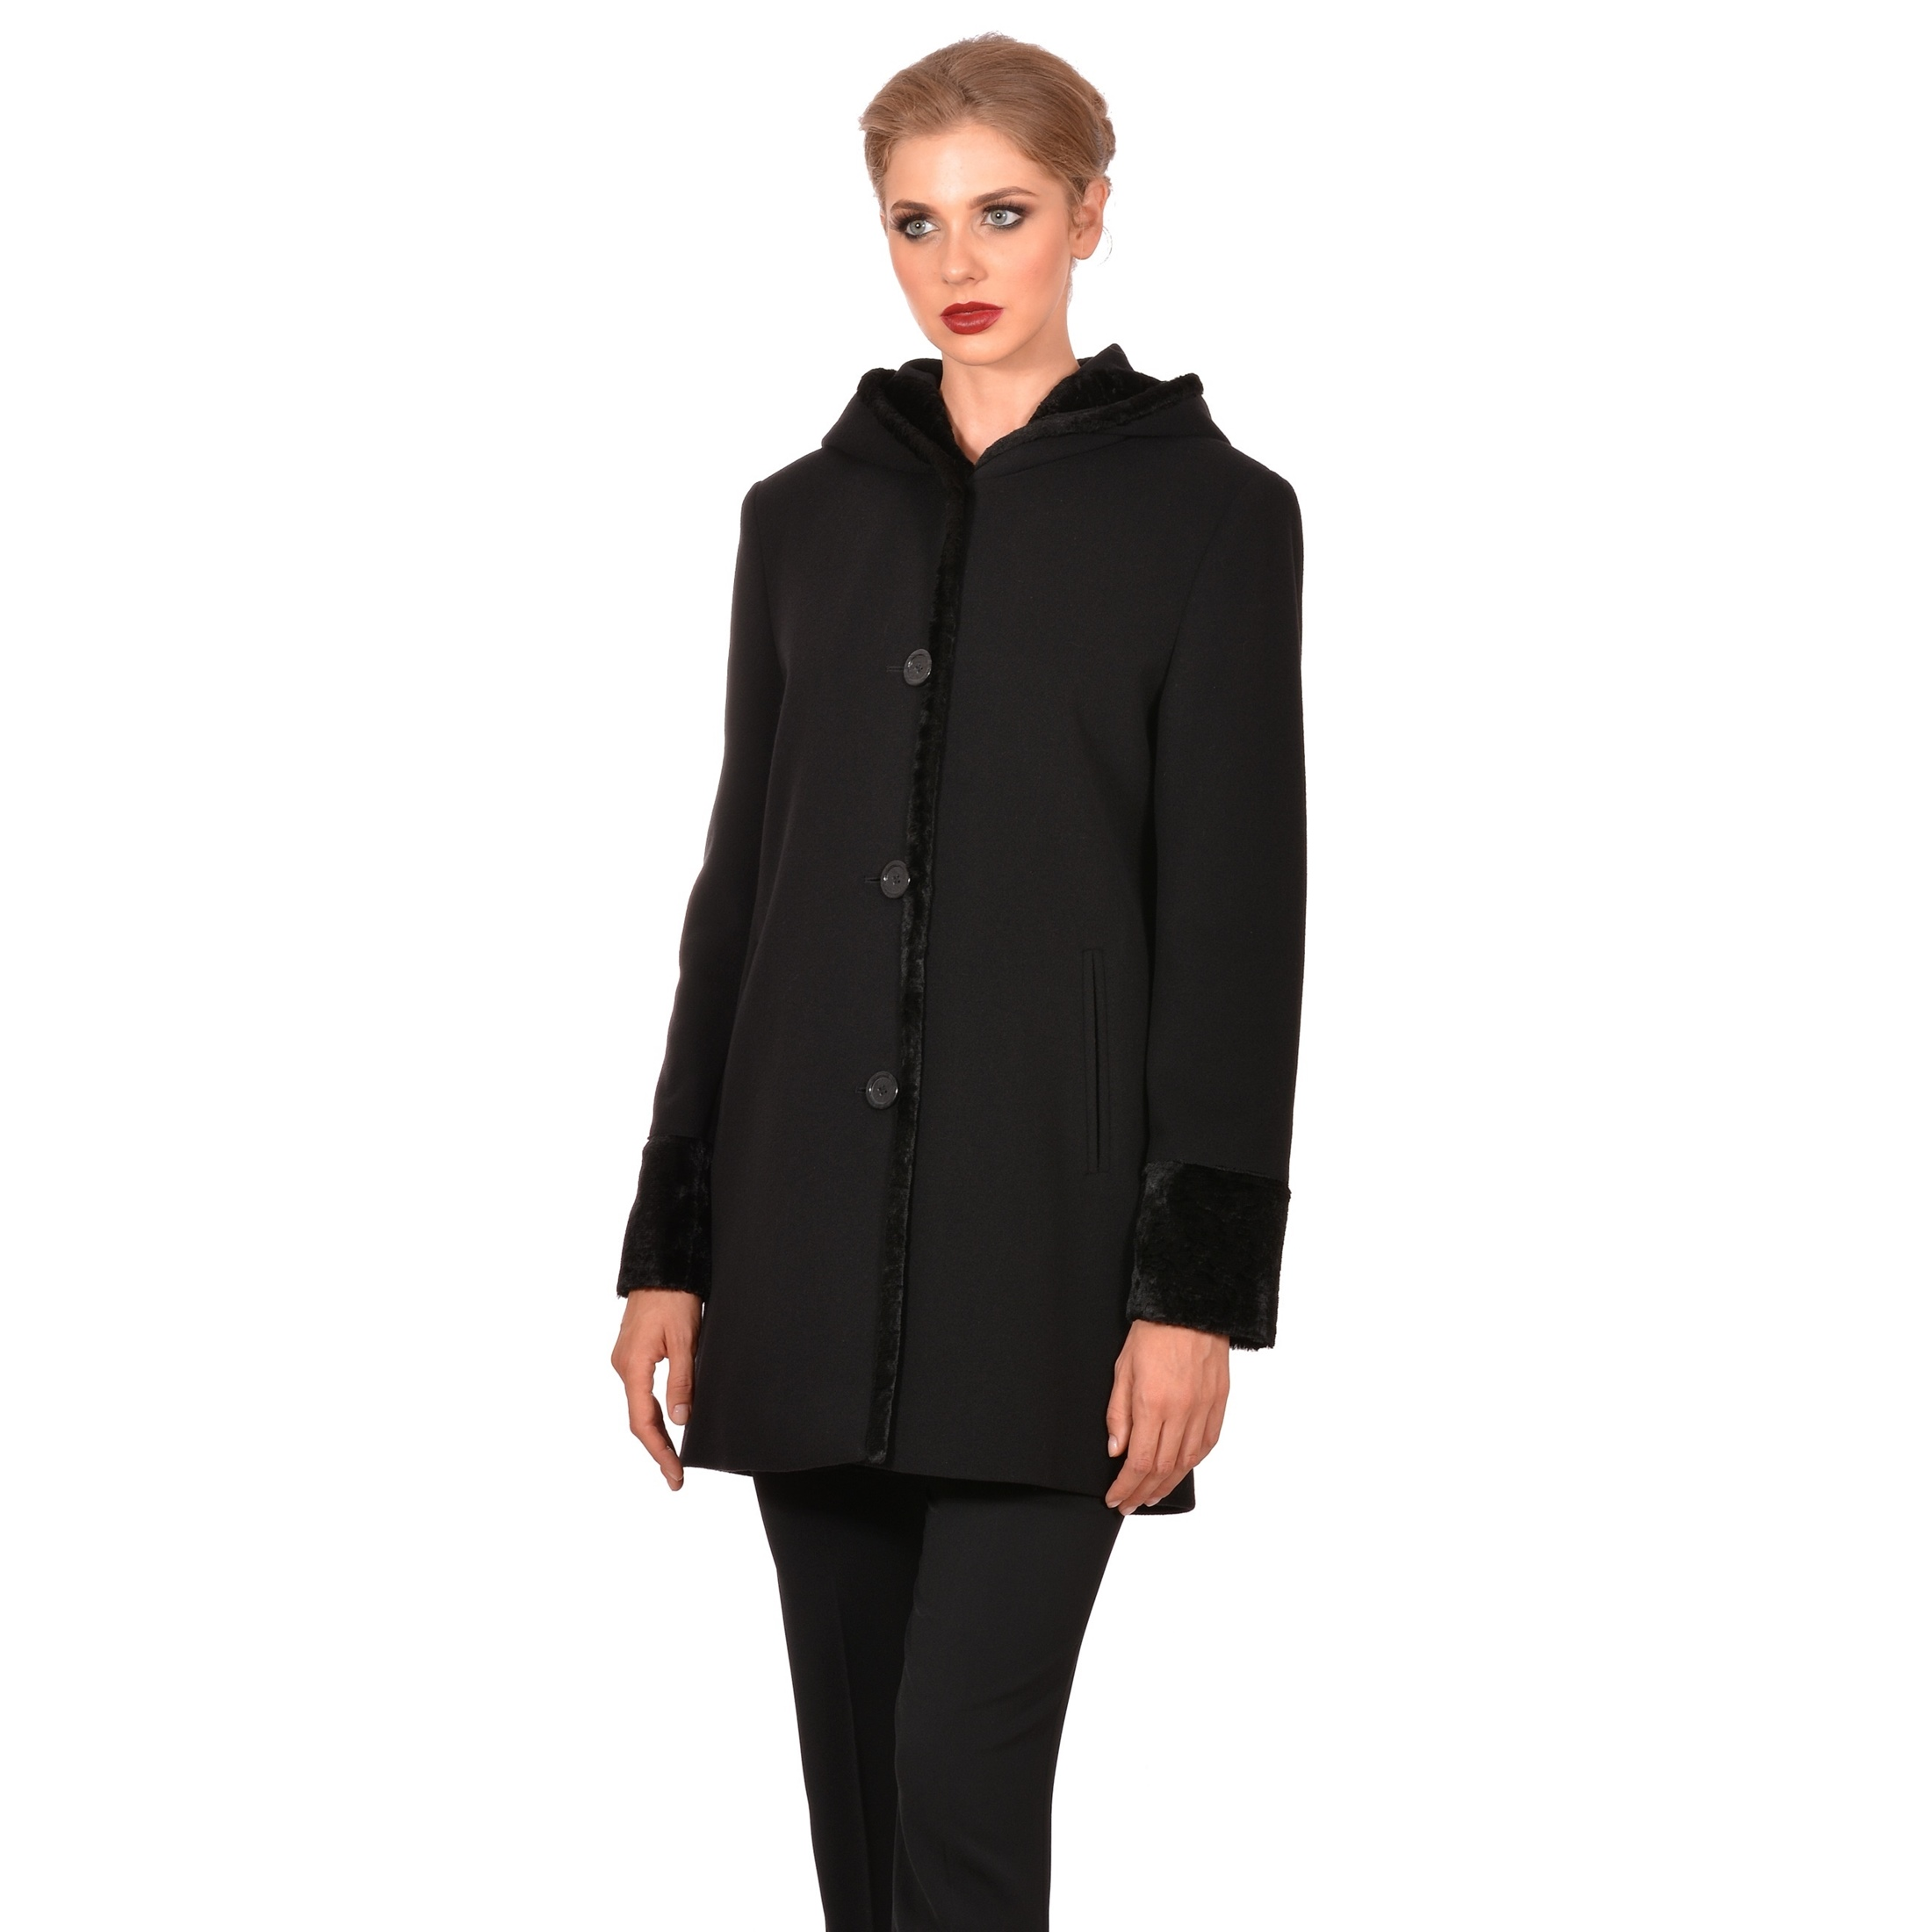 Bild von Women's Coat LADY M - LM40876